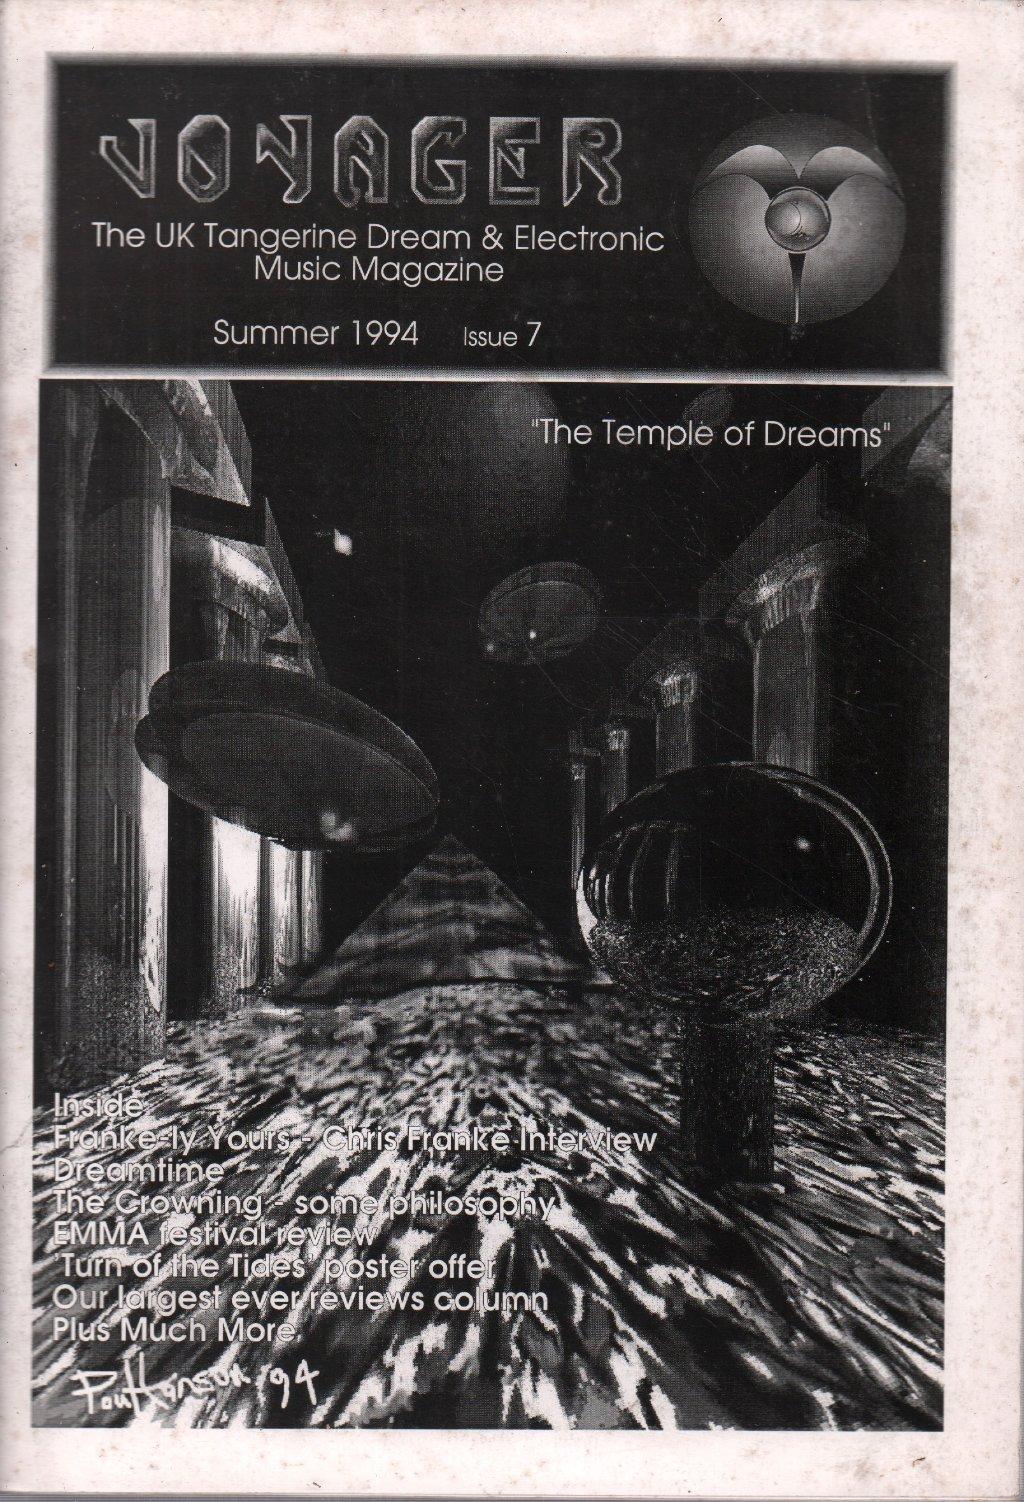 TANGERINE DREAM - Voyager Issue 7 - Magazine